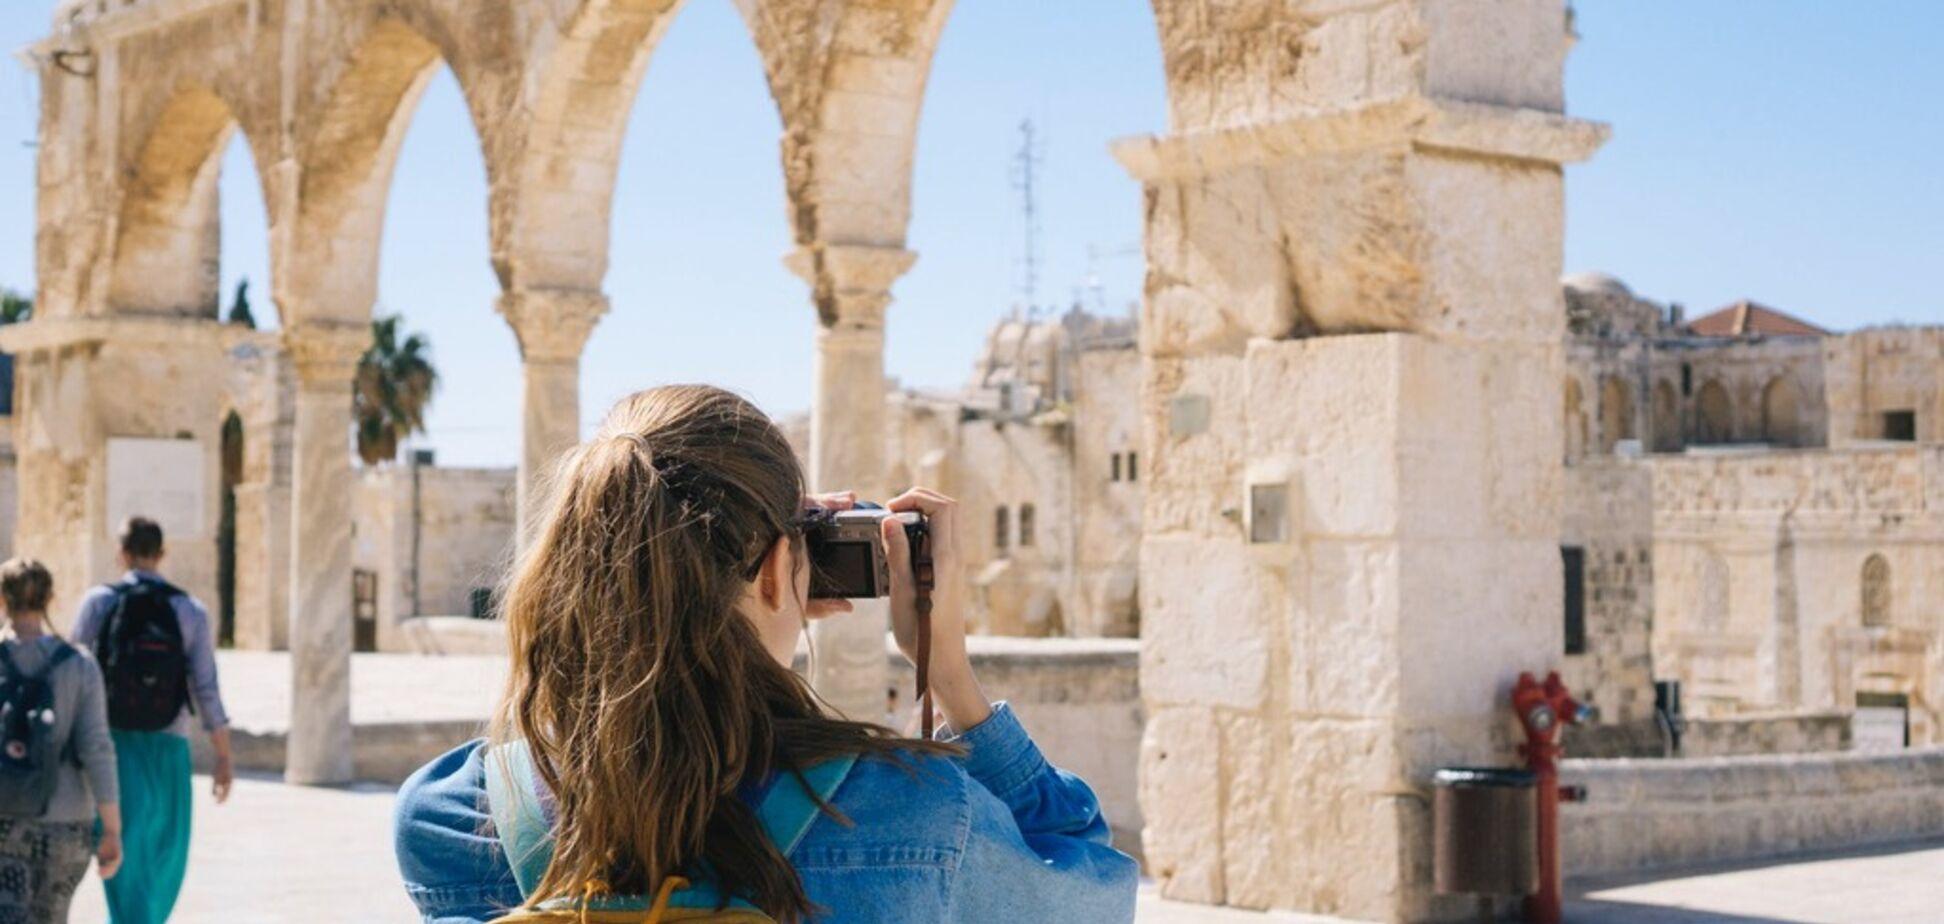 Каждый седьмой на Земле: названо впечатляющее количество туристов в 2019 году